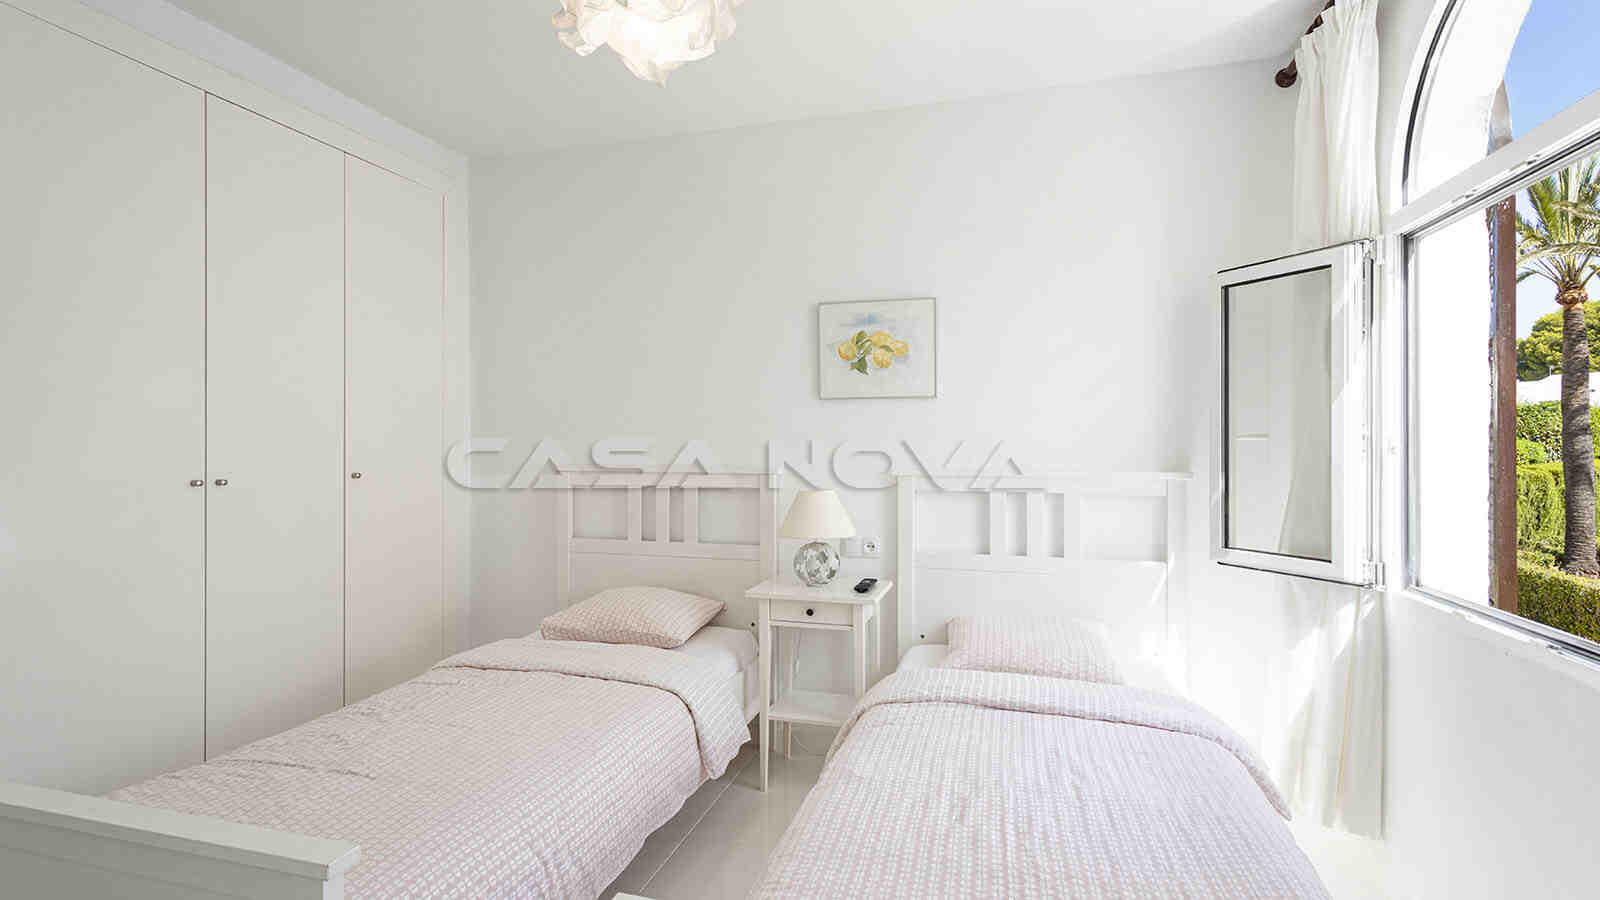 Großes Doppelschlafzimmer mit Einbauschränken